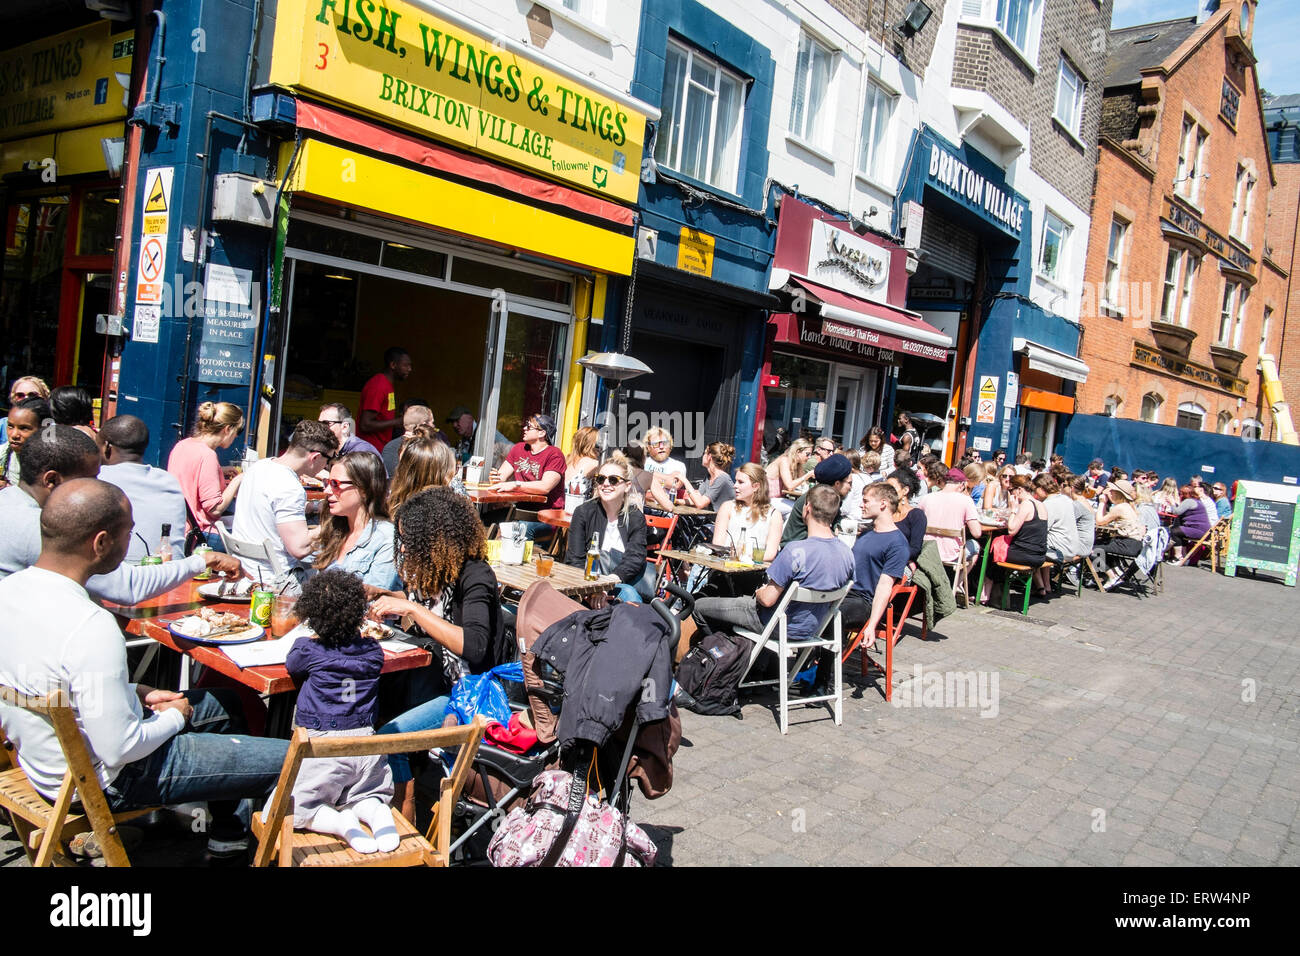 Brixton, London, United Kingdom - Stock Image